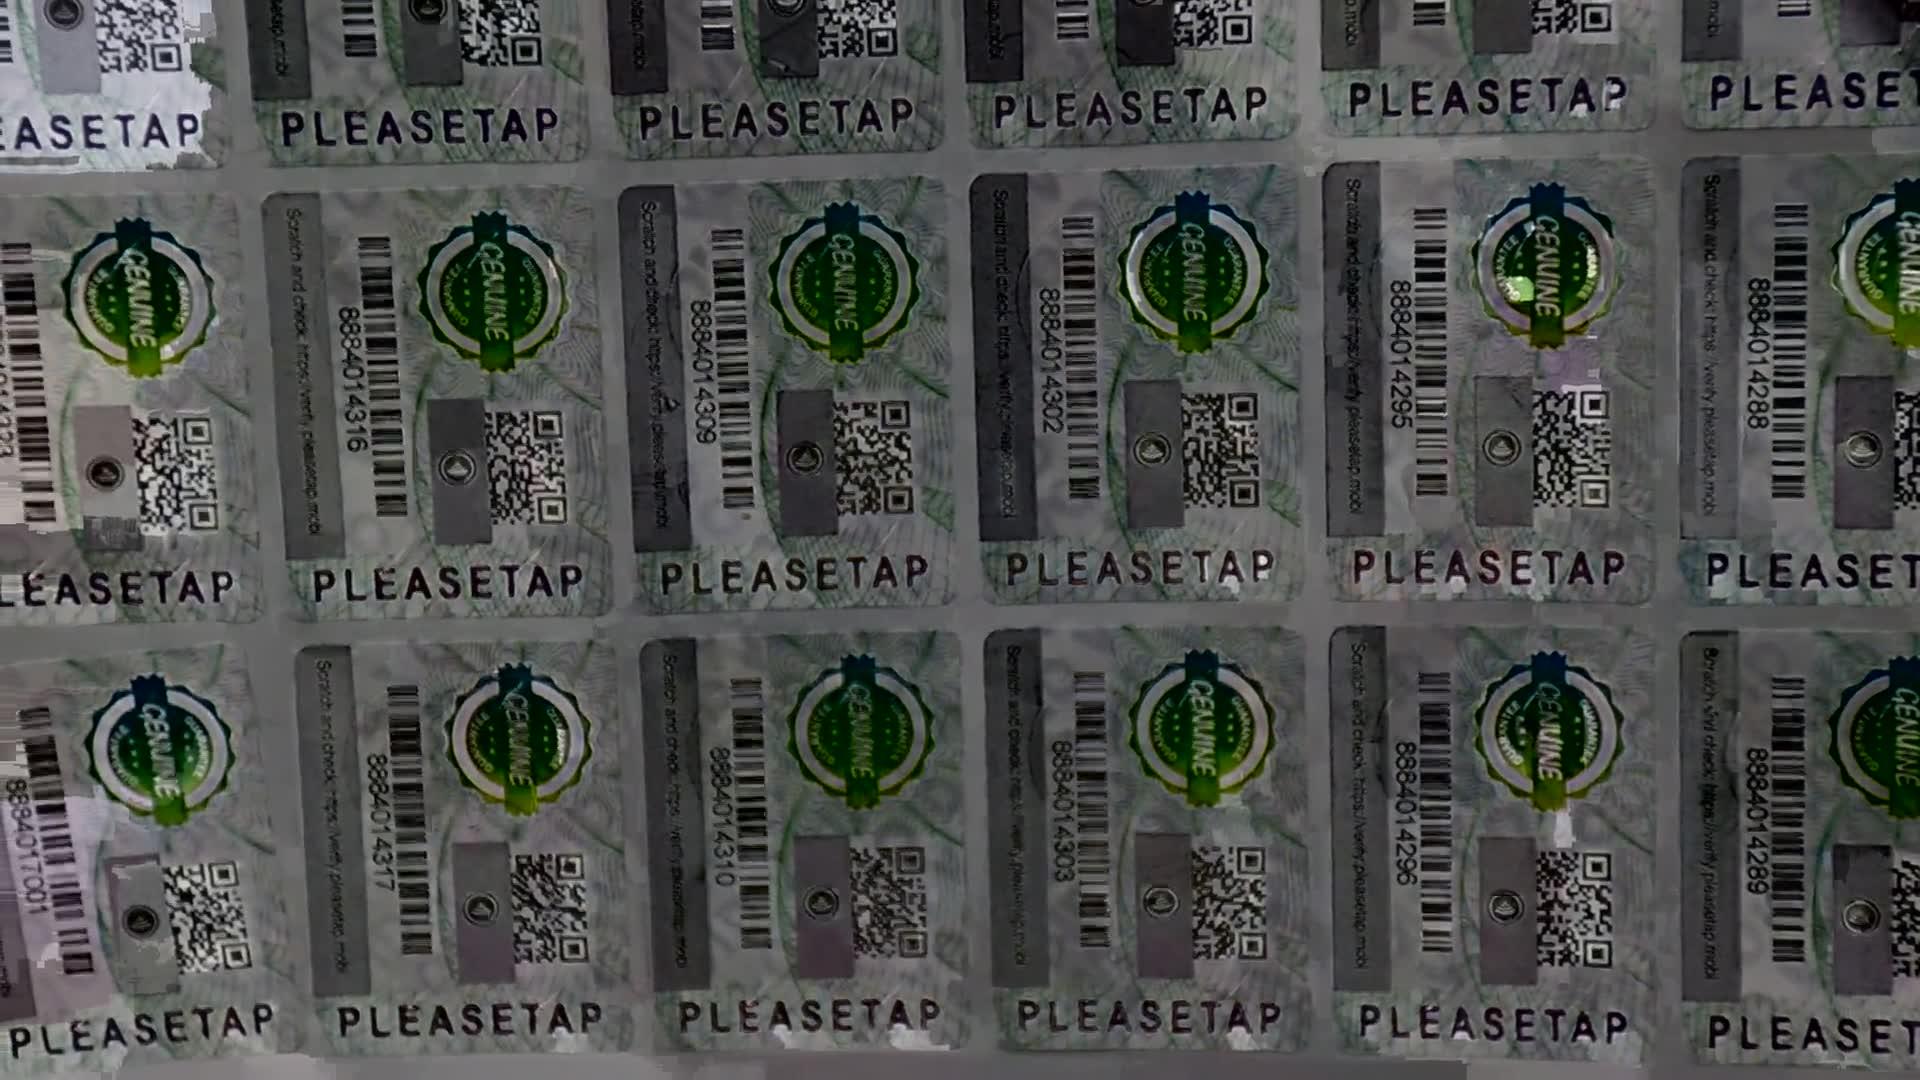 Tüm Film Optik Zoom Anti-sahtecilik Teknolojisi ile özel tasarım baskı kağıt giyim markası